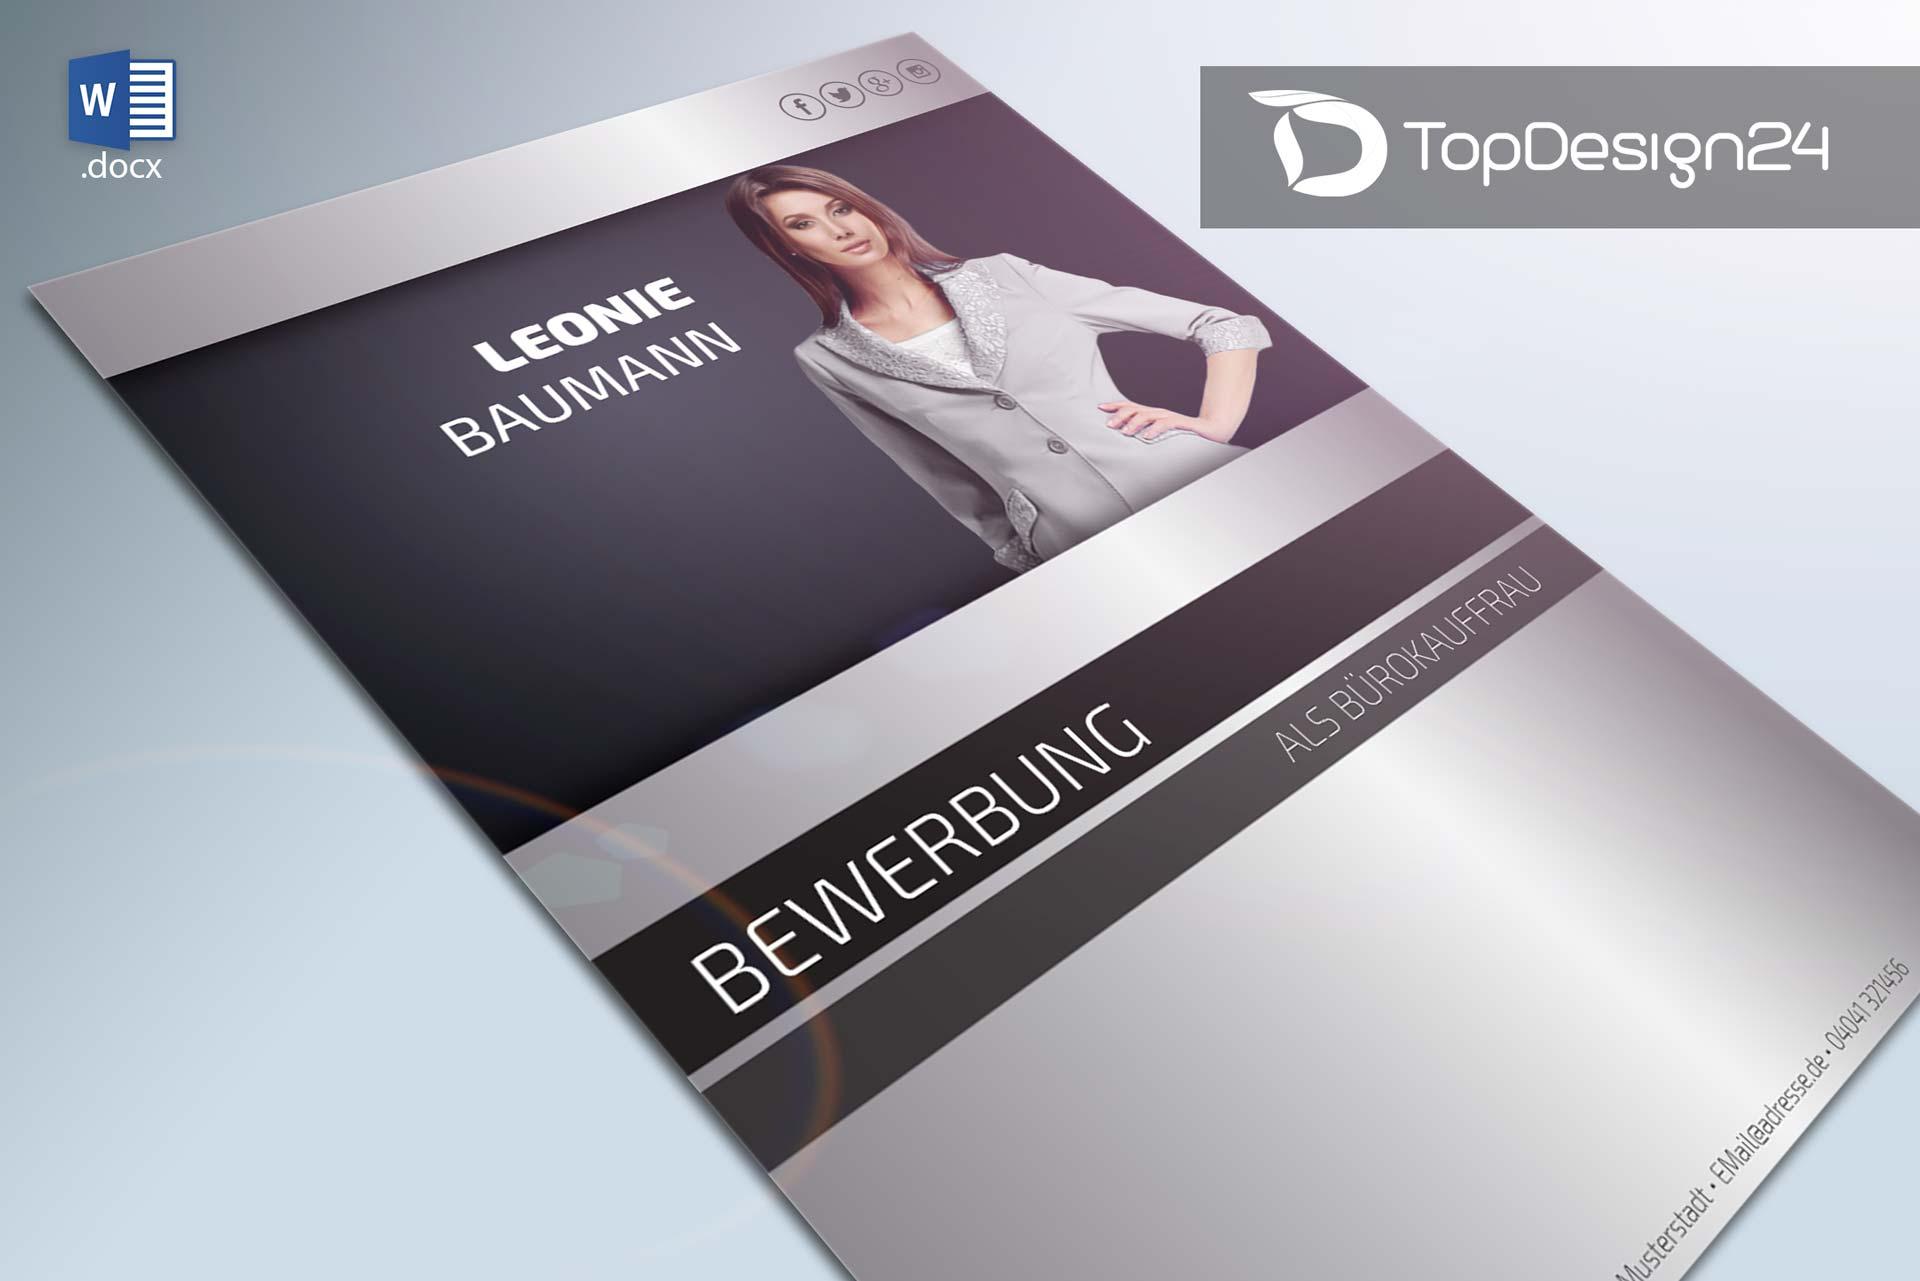 Bewerbungsschreiben vorlage download deckblatt word for Design shop 24